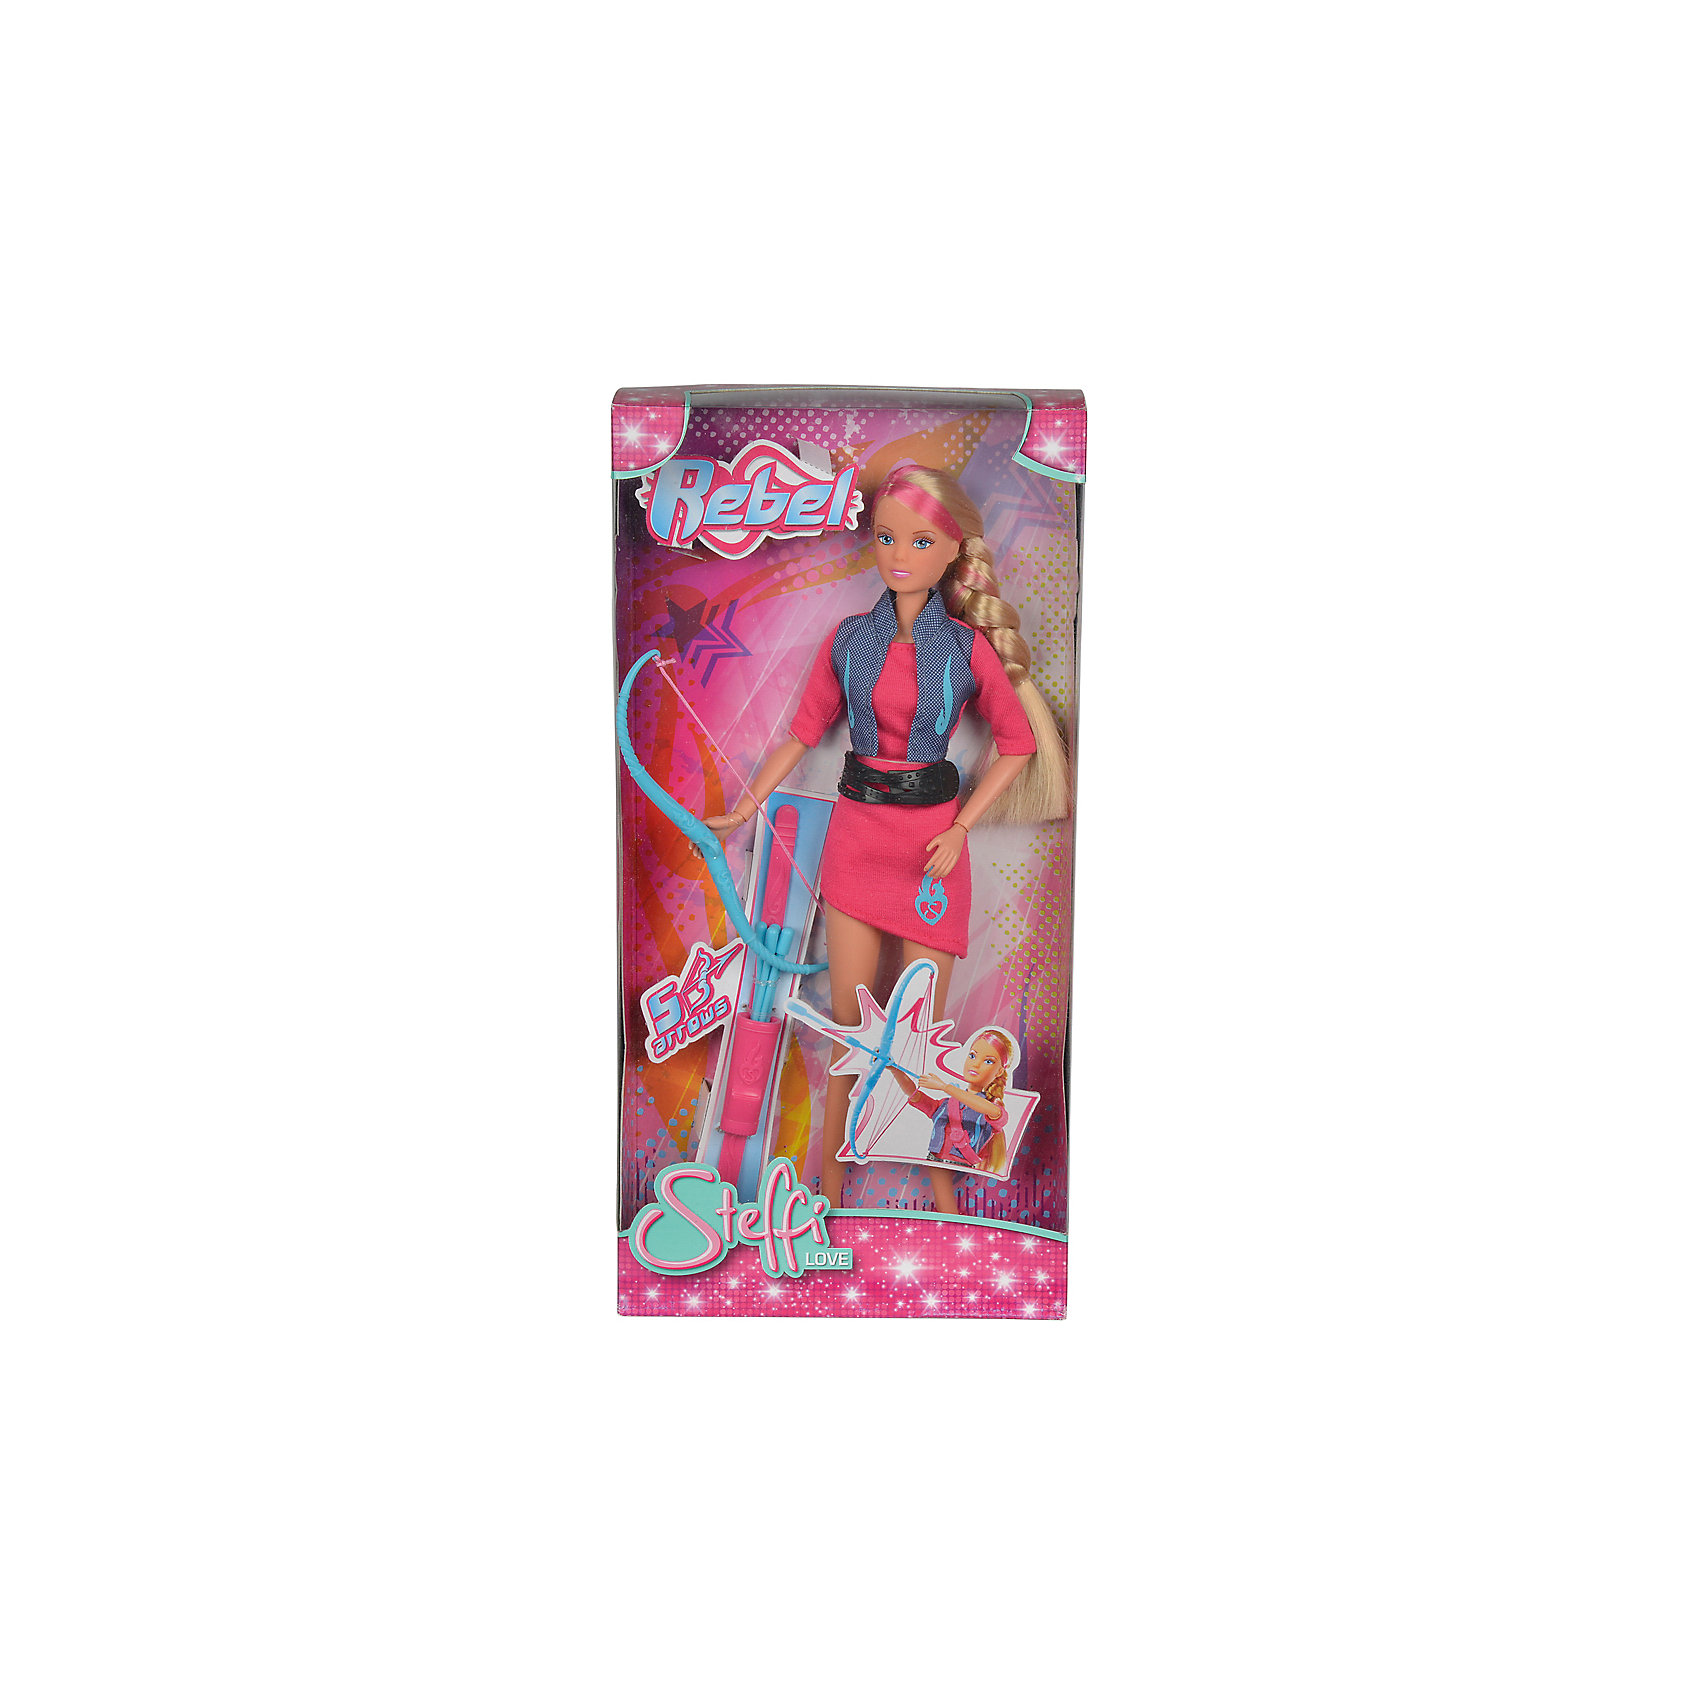 Кукла Штеффи-мятежный дух, 29 см, SimbaБренды кукол<br>Характеристики:<br><br>• высота куклы: 29 см<br>• серия: Steffi Love;<br>• аксессуары: лук и колчан со стрелами;<br>• материал: пластик, текстиль;<br>• размер упаковки: 35х8х8 см.<br><br>Кукла Штеффи выходит на тропу войны. Вооружившись луком, Штеффи выбирает цель и метит точно в яблочко. Одета вожак воинственного племени соответствующим моднице образом: платьице и жакет, ботиночки.<br><br>Куклу Штеффи-мятежный дух, 29 см, Simba можно купить в нашем магазине.<br><br>Ширина мм: 110<br>Глубина мм: 90<br>Высота мм: 220<br>Вес г: 100<br>Возраст от месяцев: 36<br>Возраст до месяцев: 120<br>Пол: Женский<br>Возраст: Детский<br>SKU: 5258968